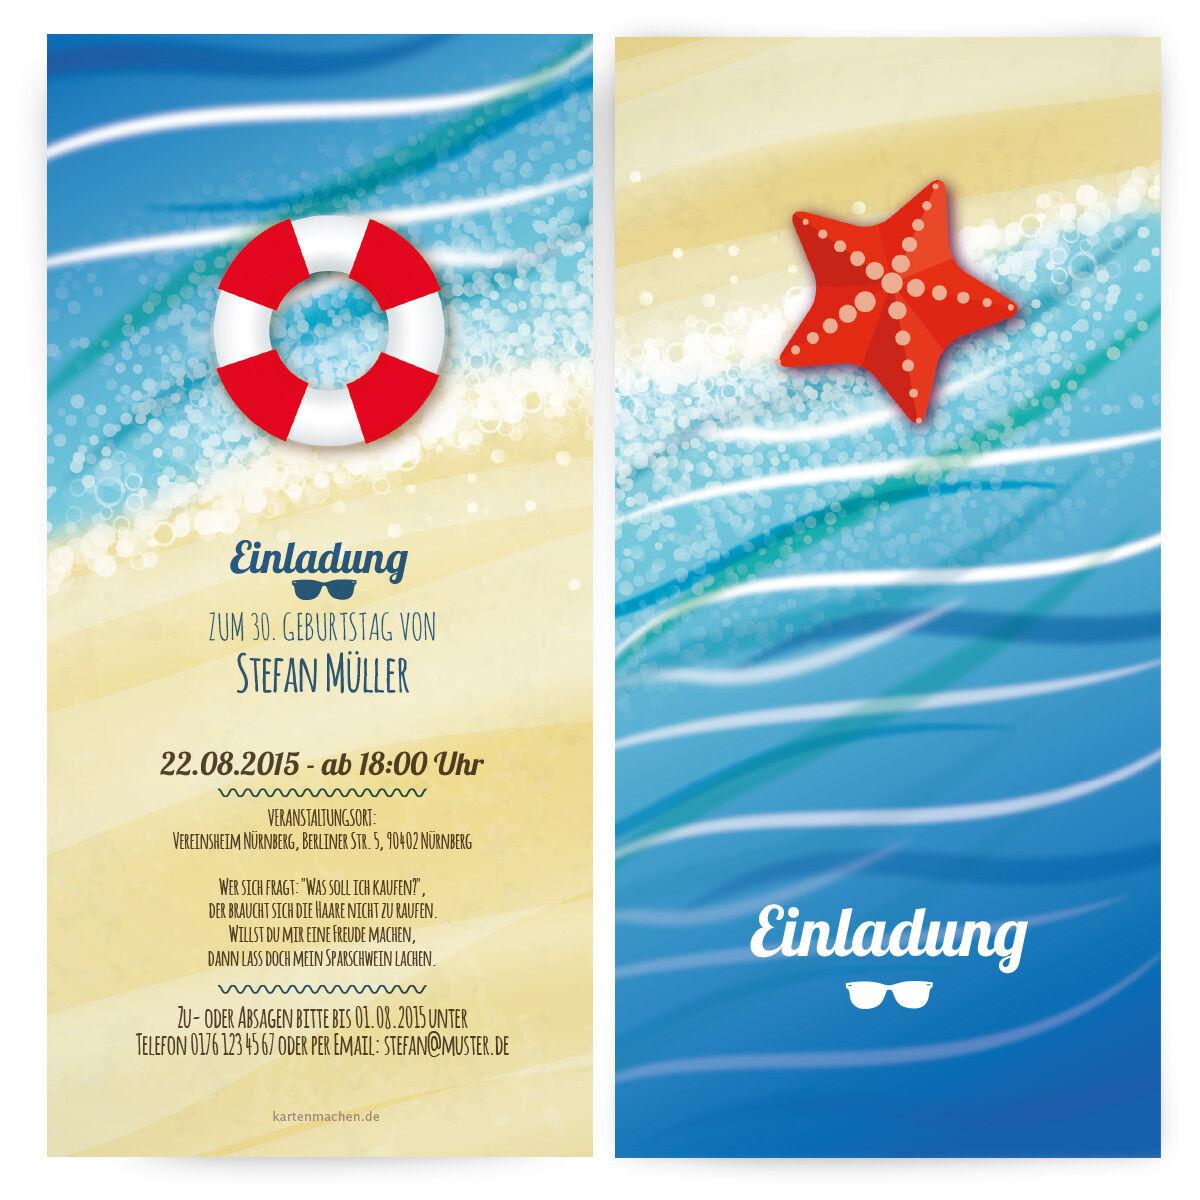 Einladungen zum Geburtstag im Stand & Meer Motiv Sommer Wasser Einladungskarten    Erste Klasse in seiner Klasse    Moderne und stilvolle Mode